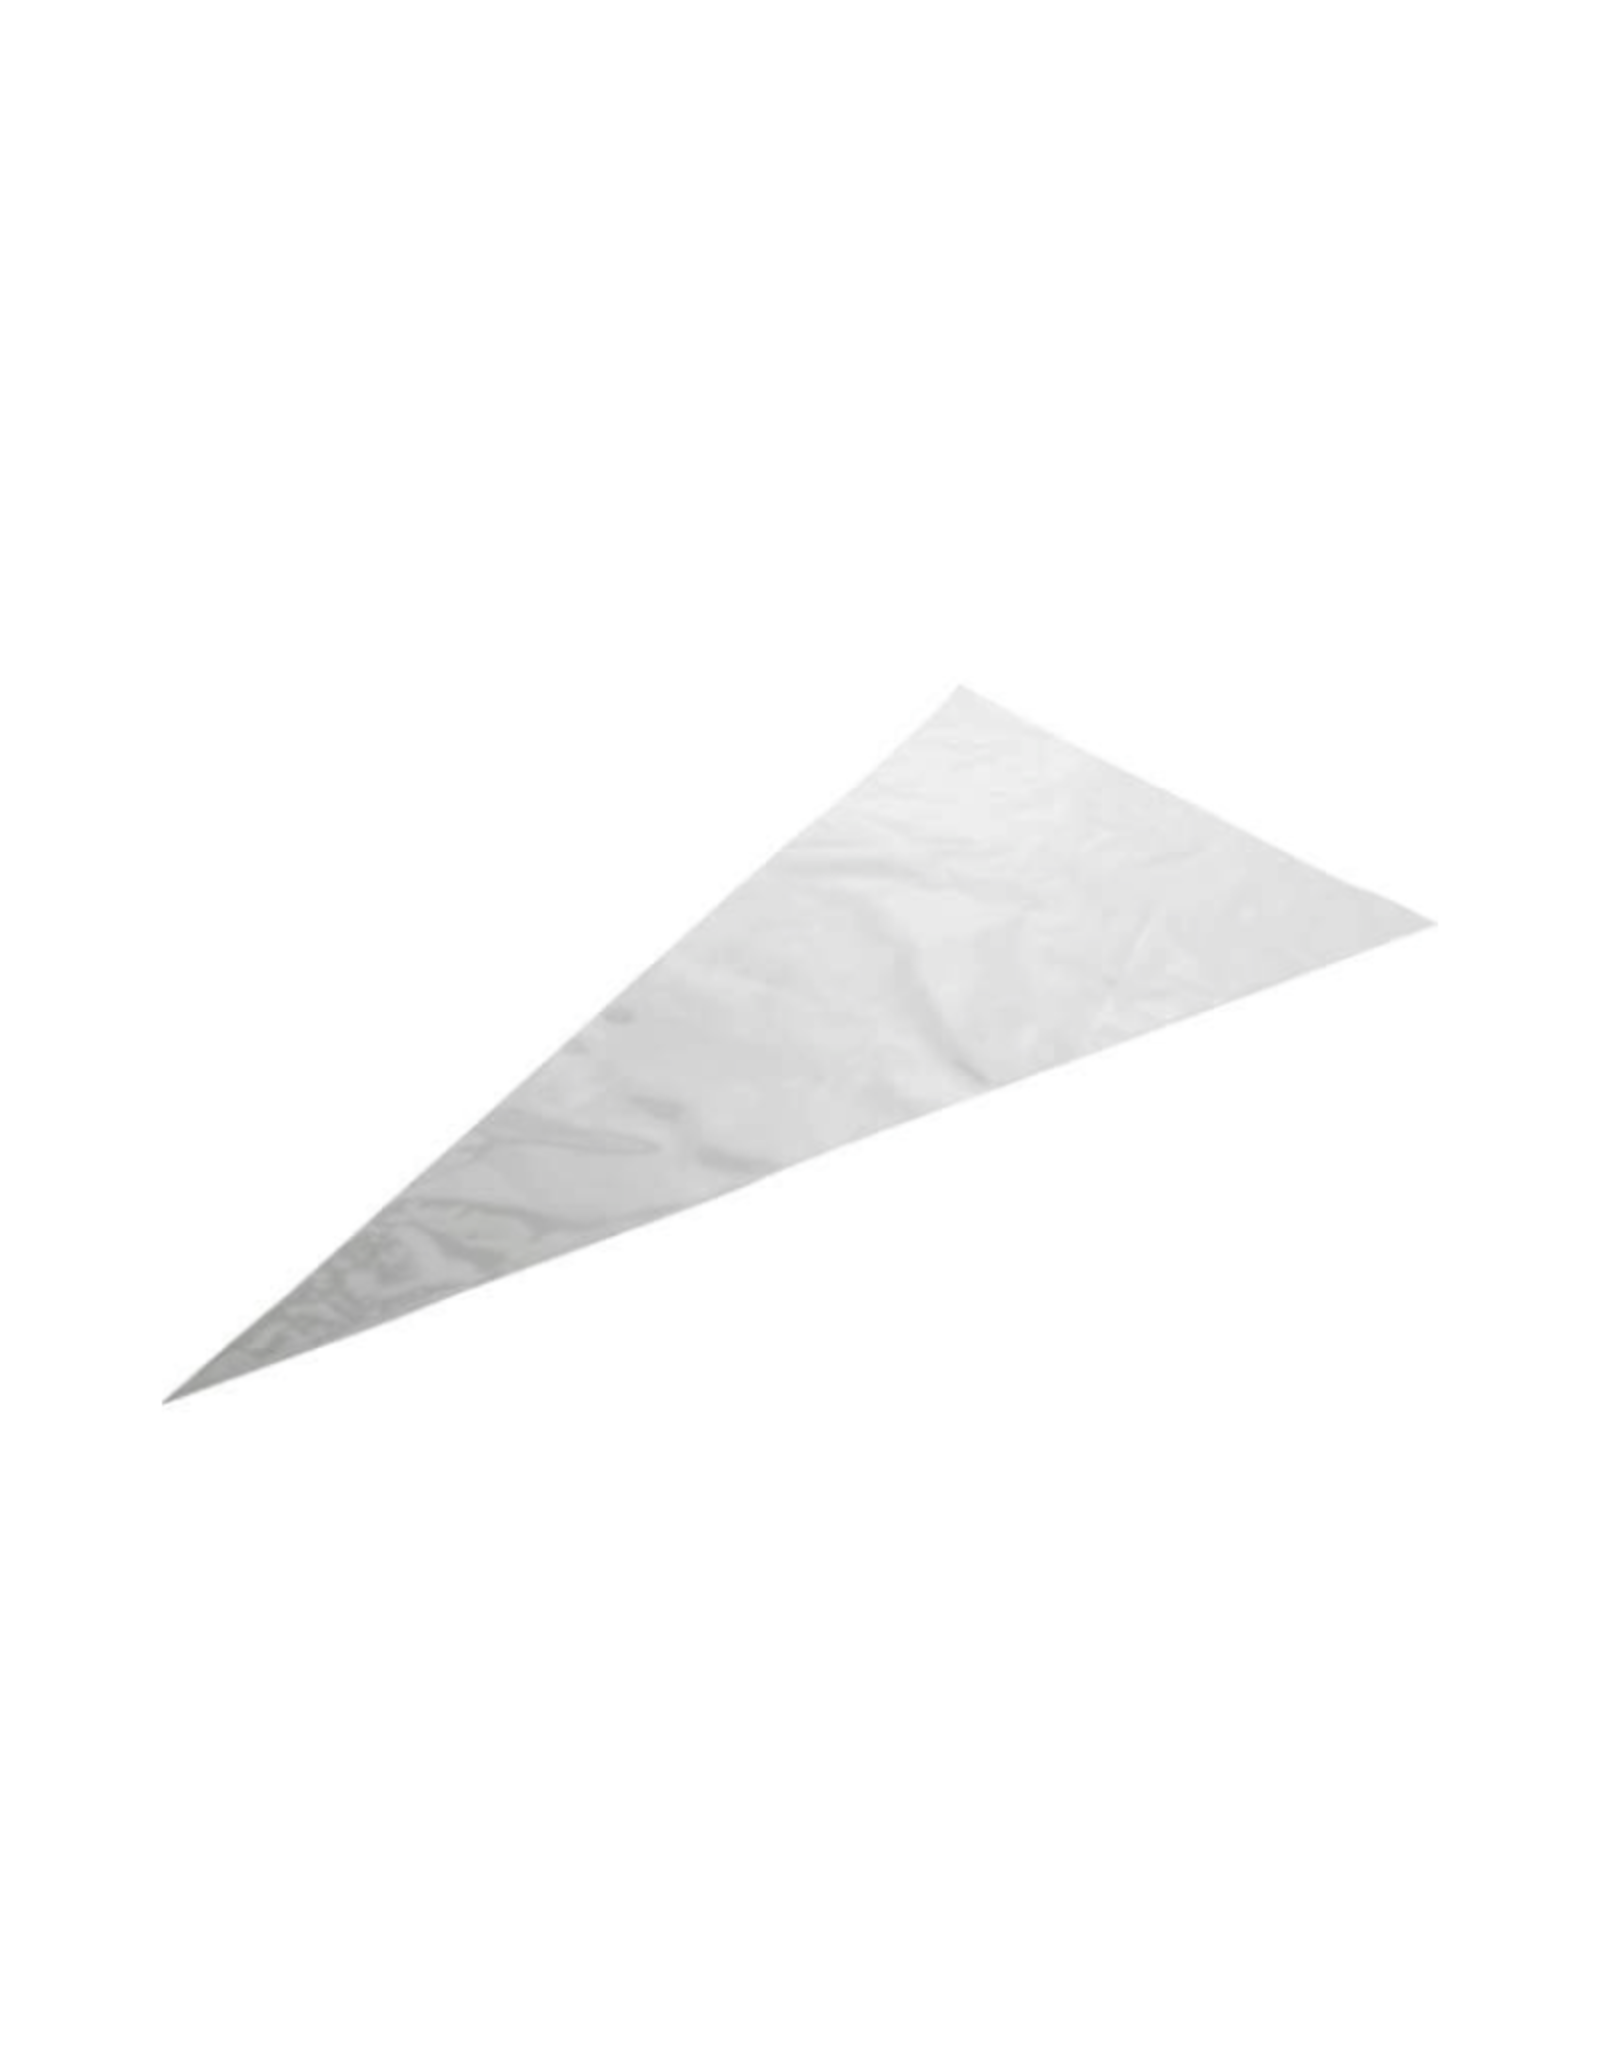 Puntzakjes transparant | 10 stuks